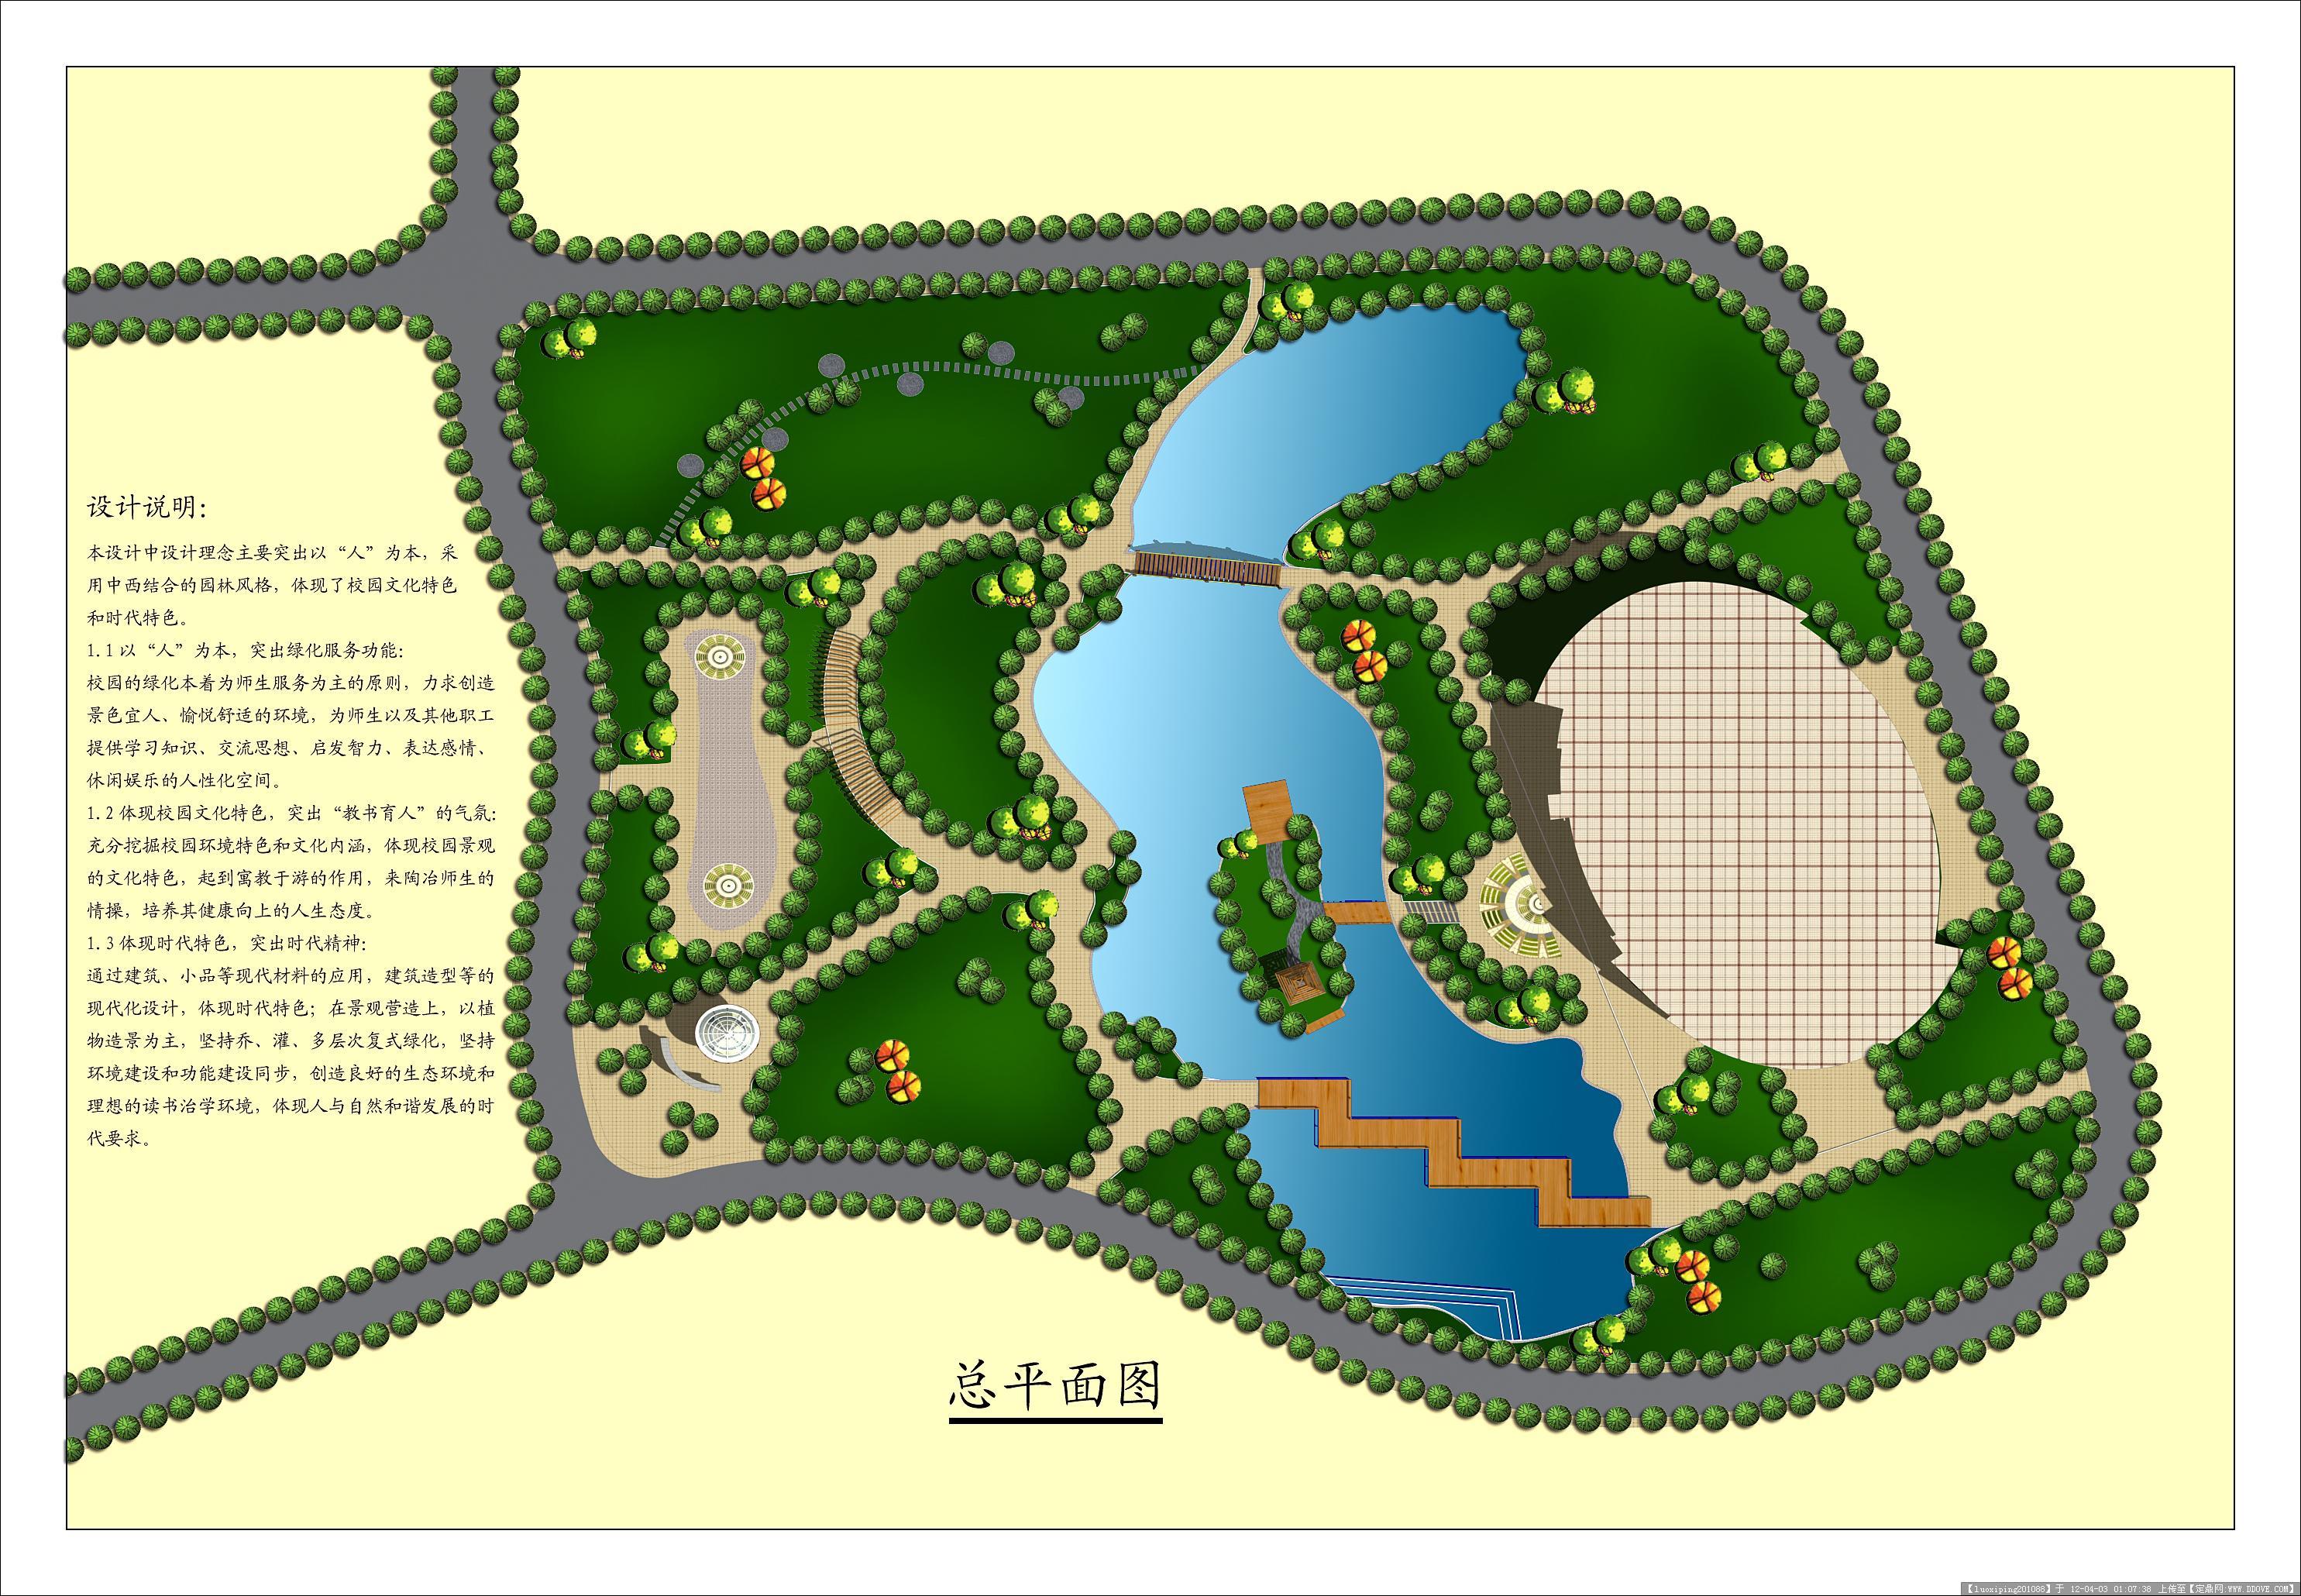 校园景观鸟瞰图的图片浏览,园林效果图,校园景观,园林